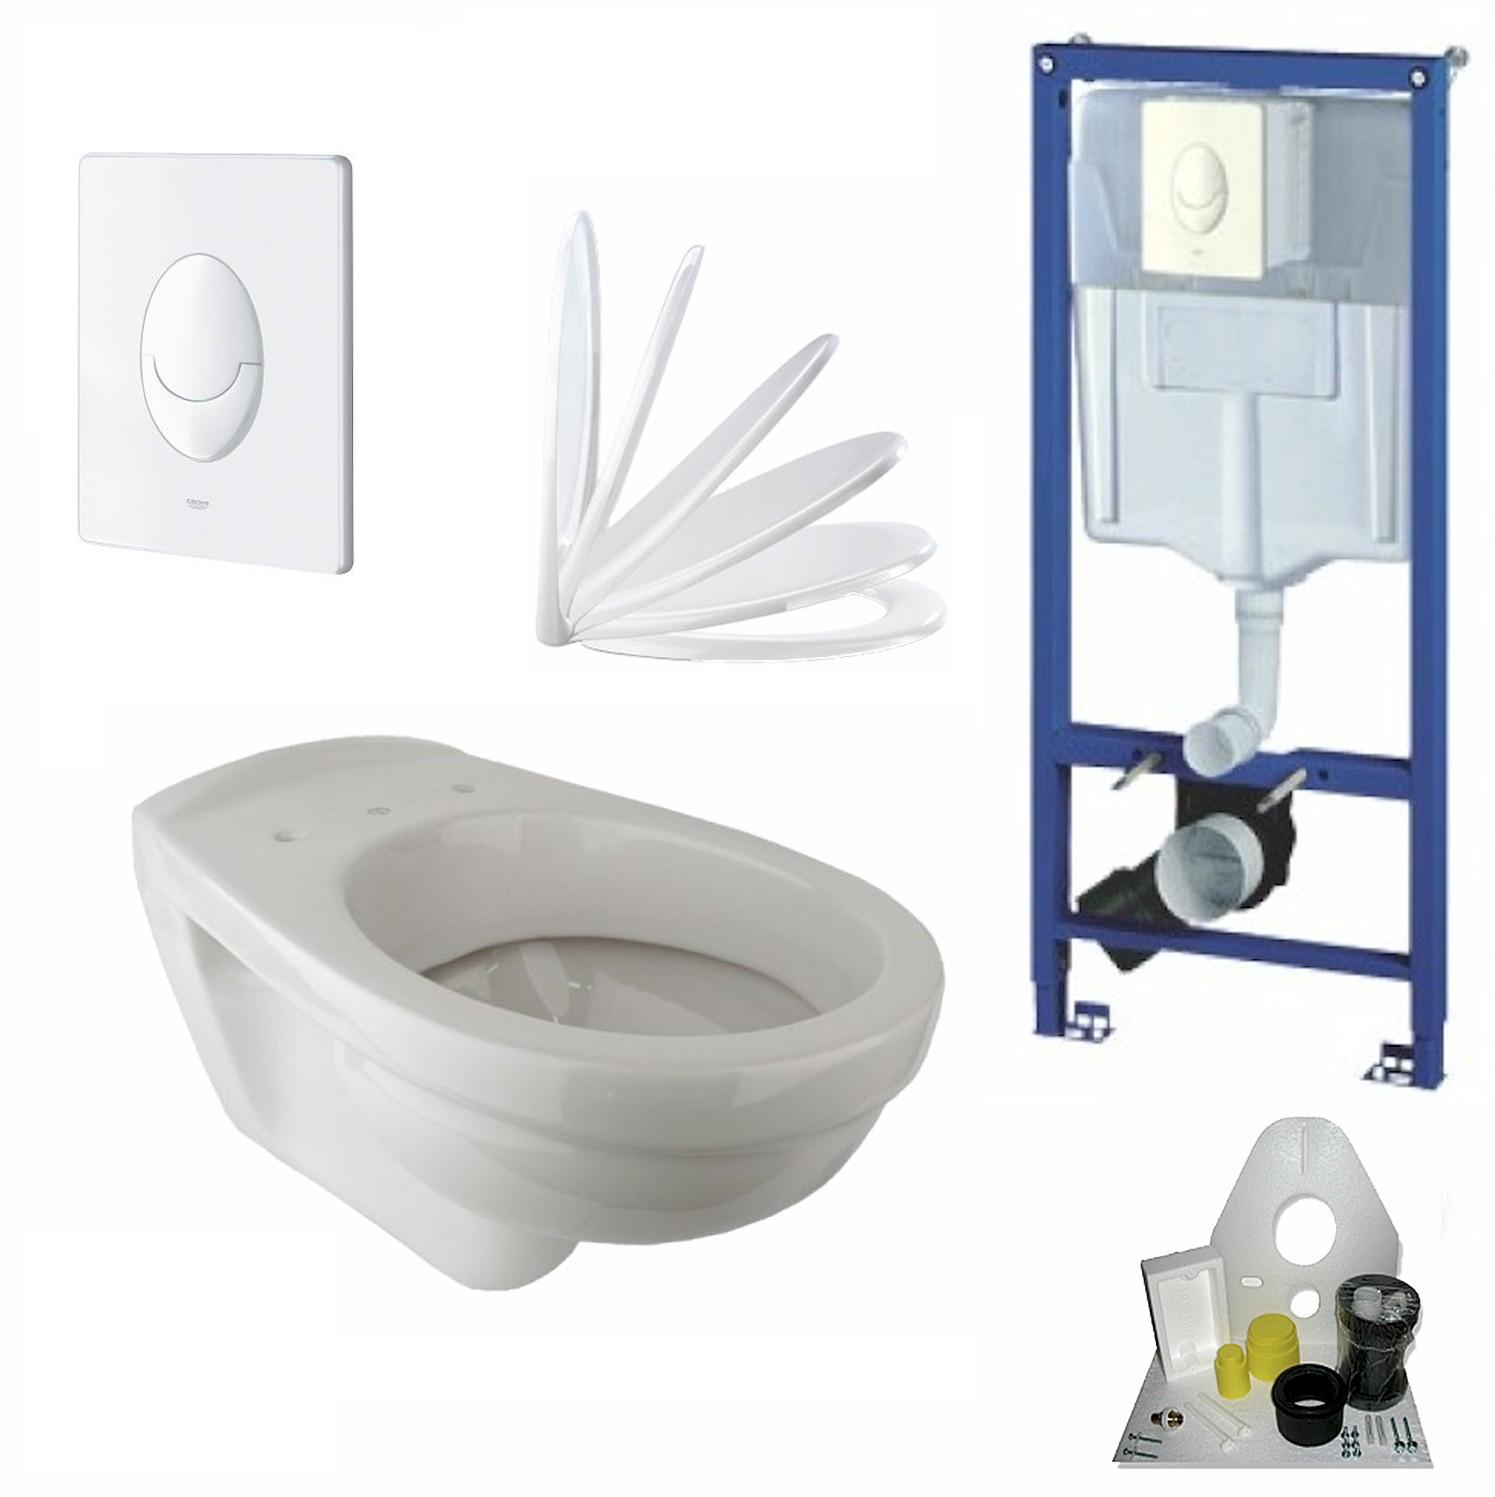 wc komplettset tece wc komplettset ud 18 vorwandelement dr ckerplatte wc komplettset wand wc. Black Bedroom Furniture Sets. Home Design Ideas